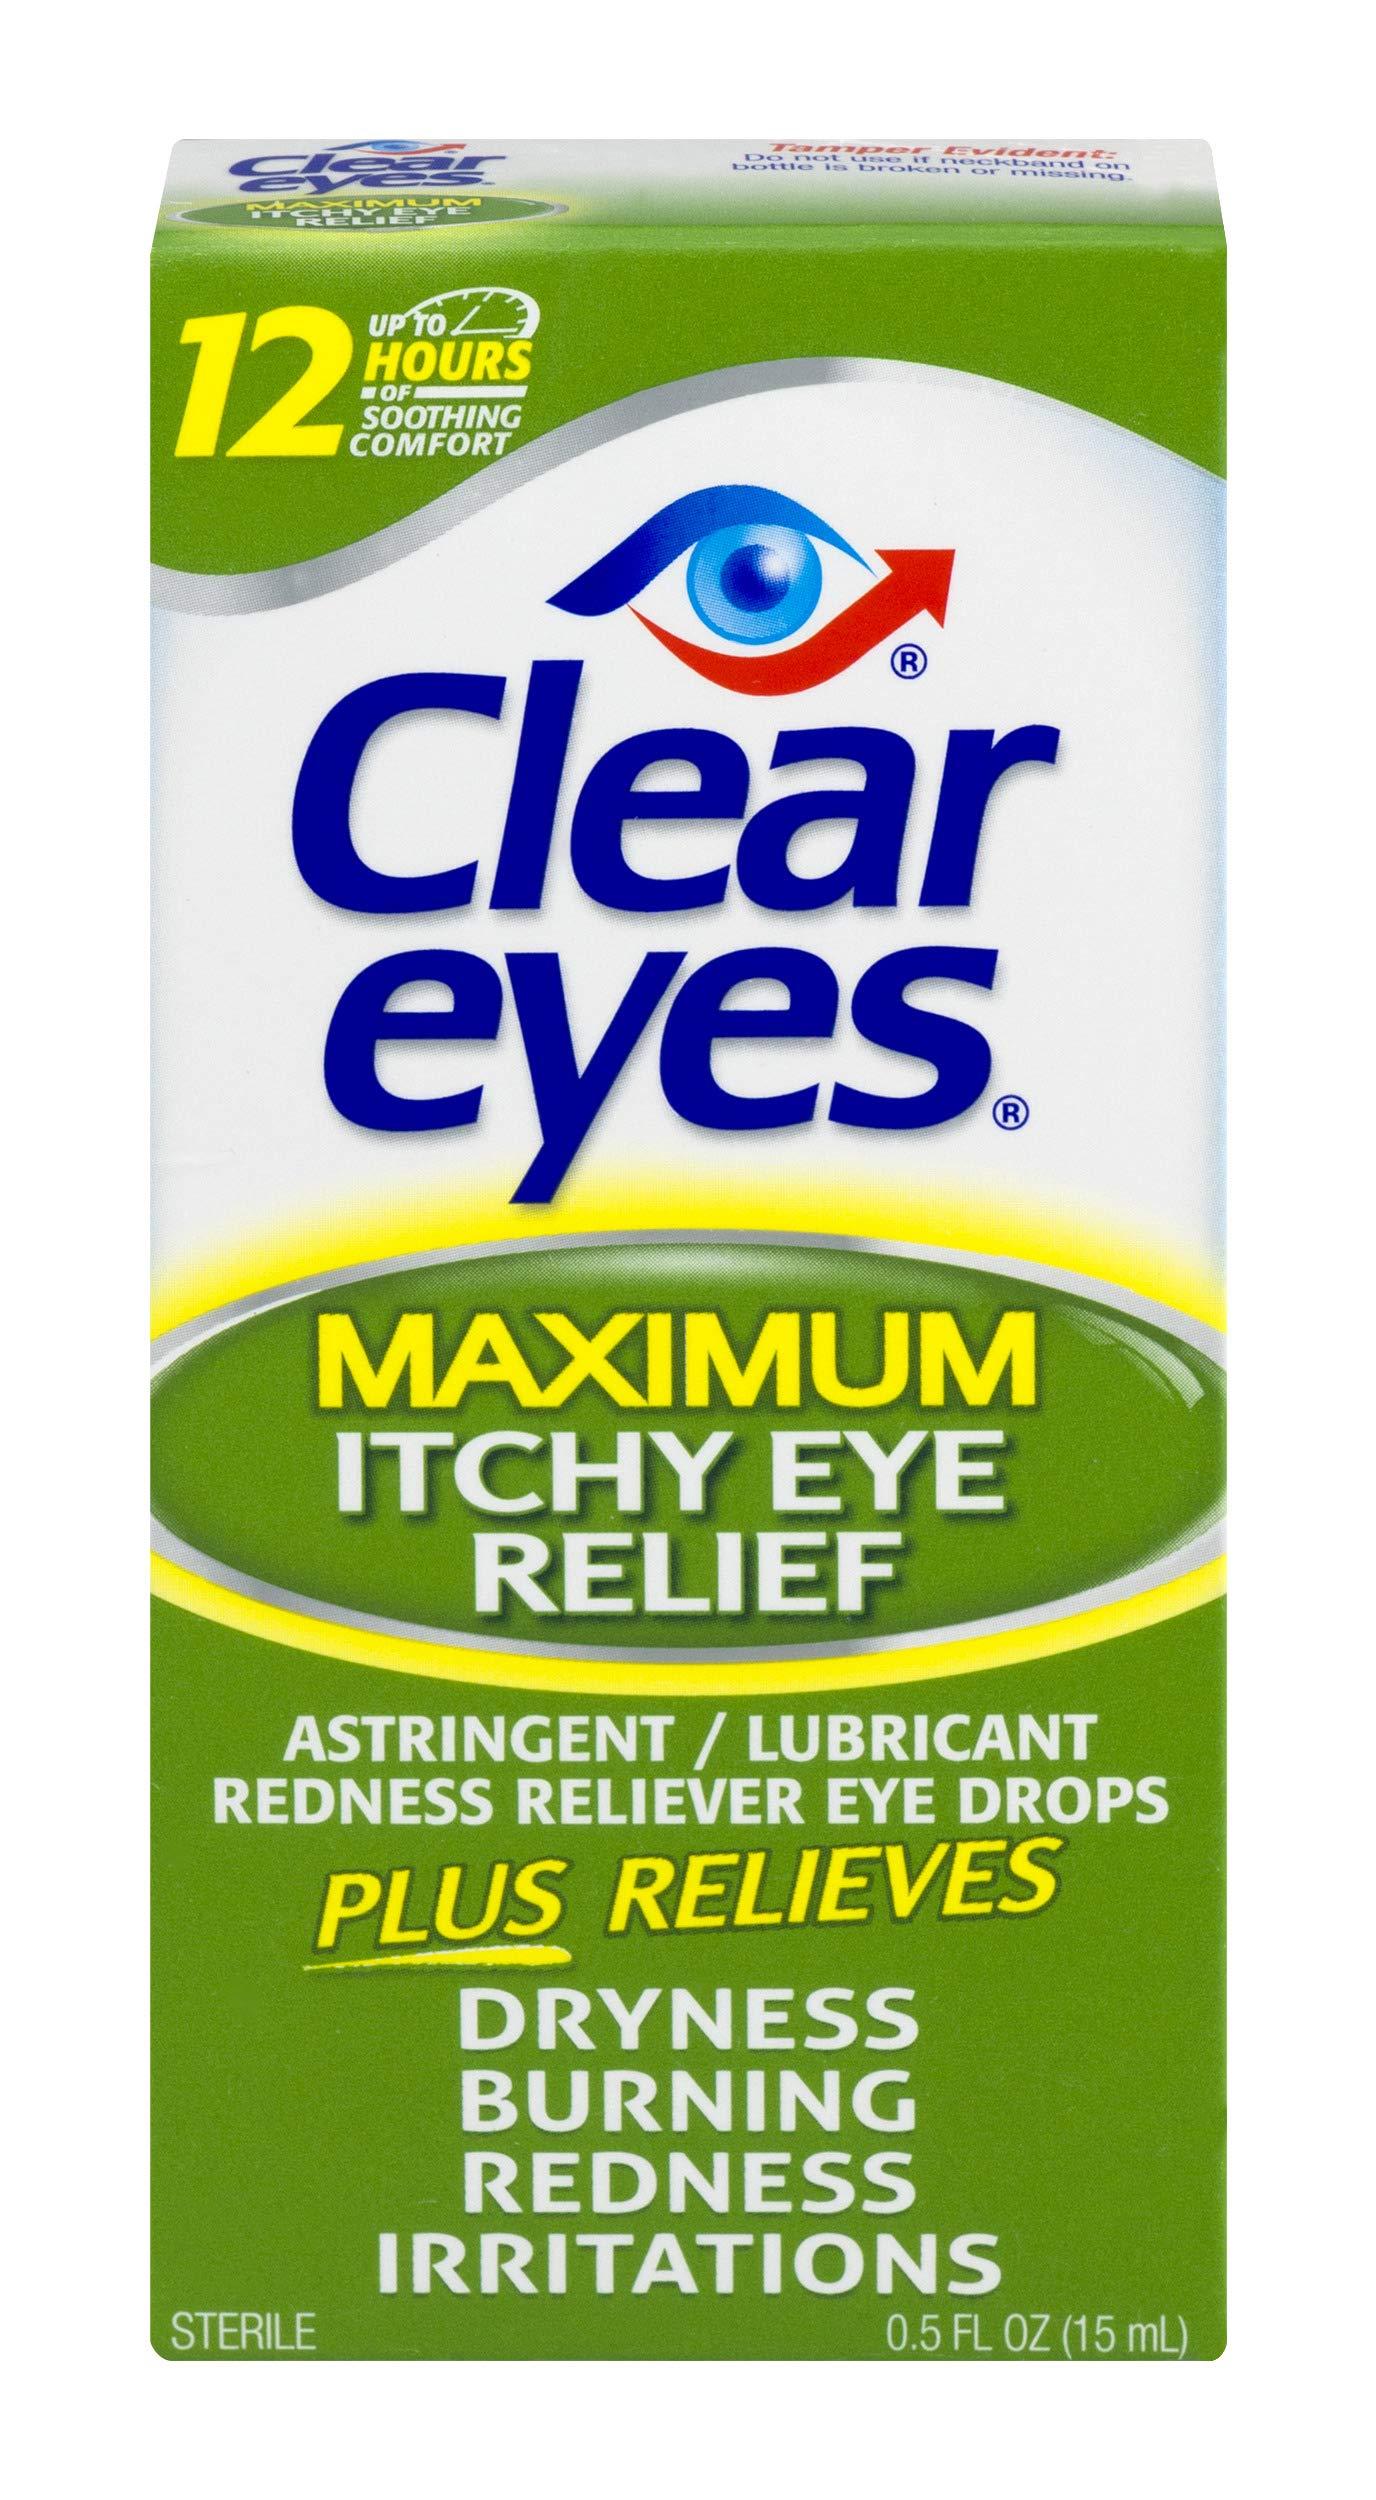 Clear Eyes   Maximum Itchy Eye Relief Eye Drops   0.5 FL OZ